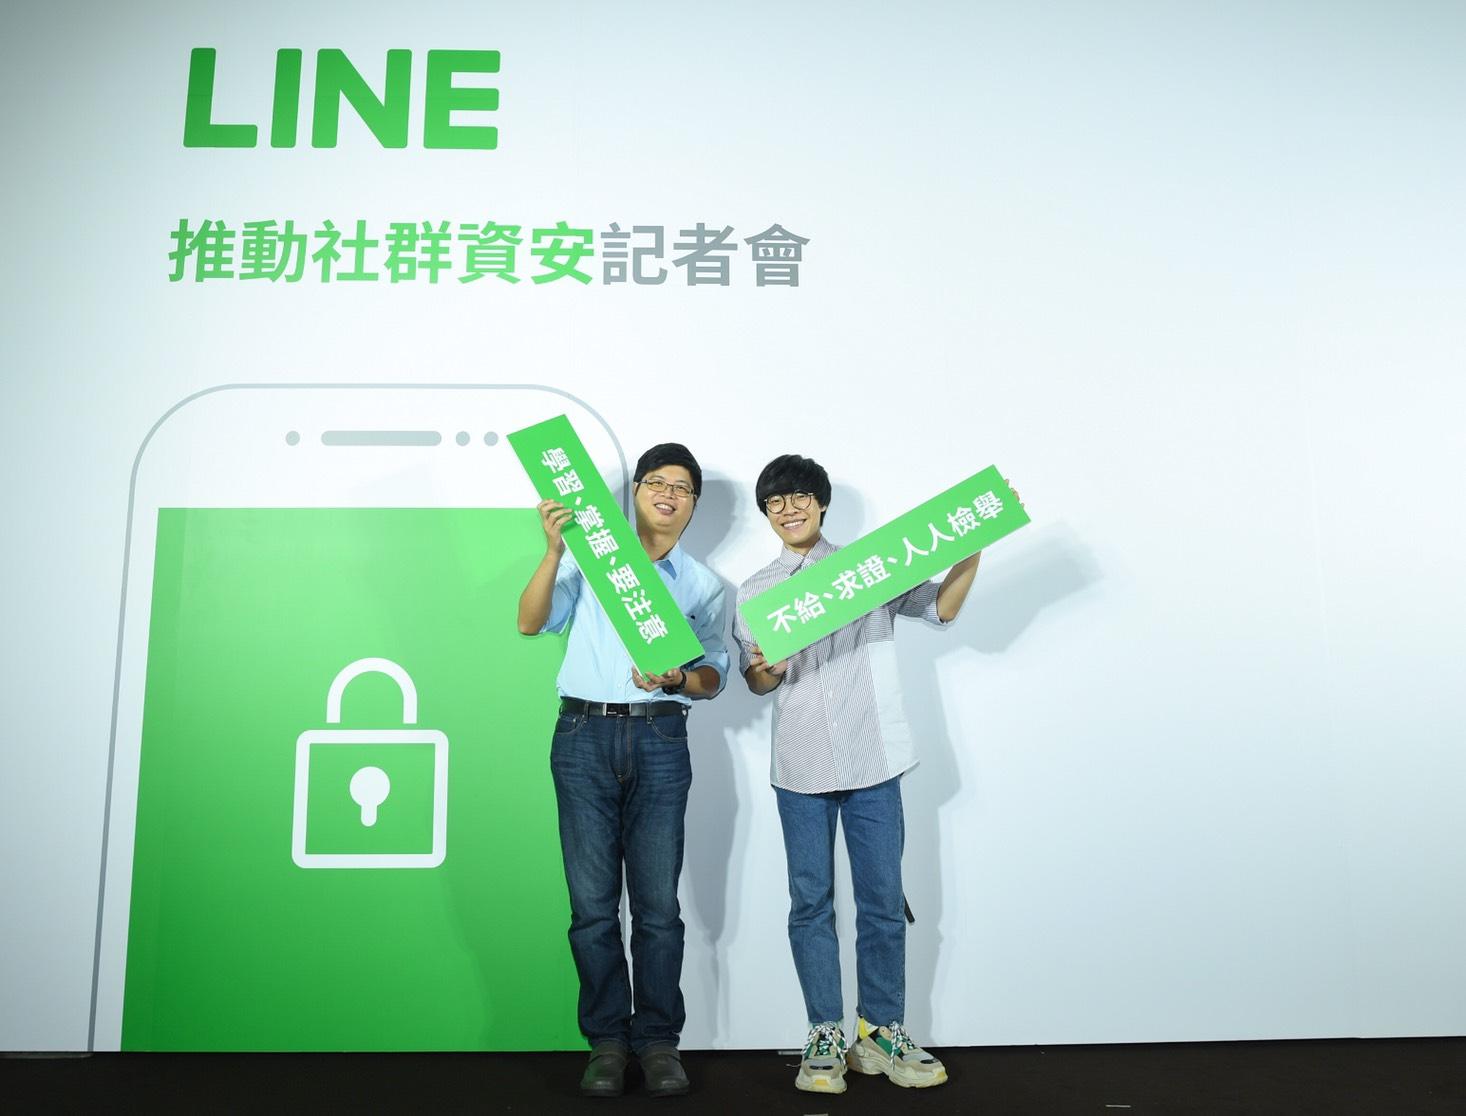 台灣社群資安危機四伏! 超過5成社群用戶不曾定期更換密碼 國民長孫盧廣仲化身資安小隊長 與LINE協力推動社群資安運動